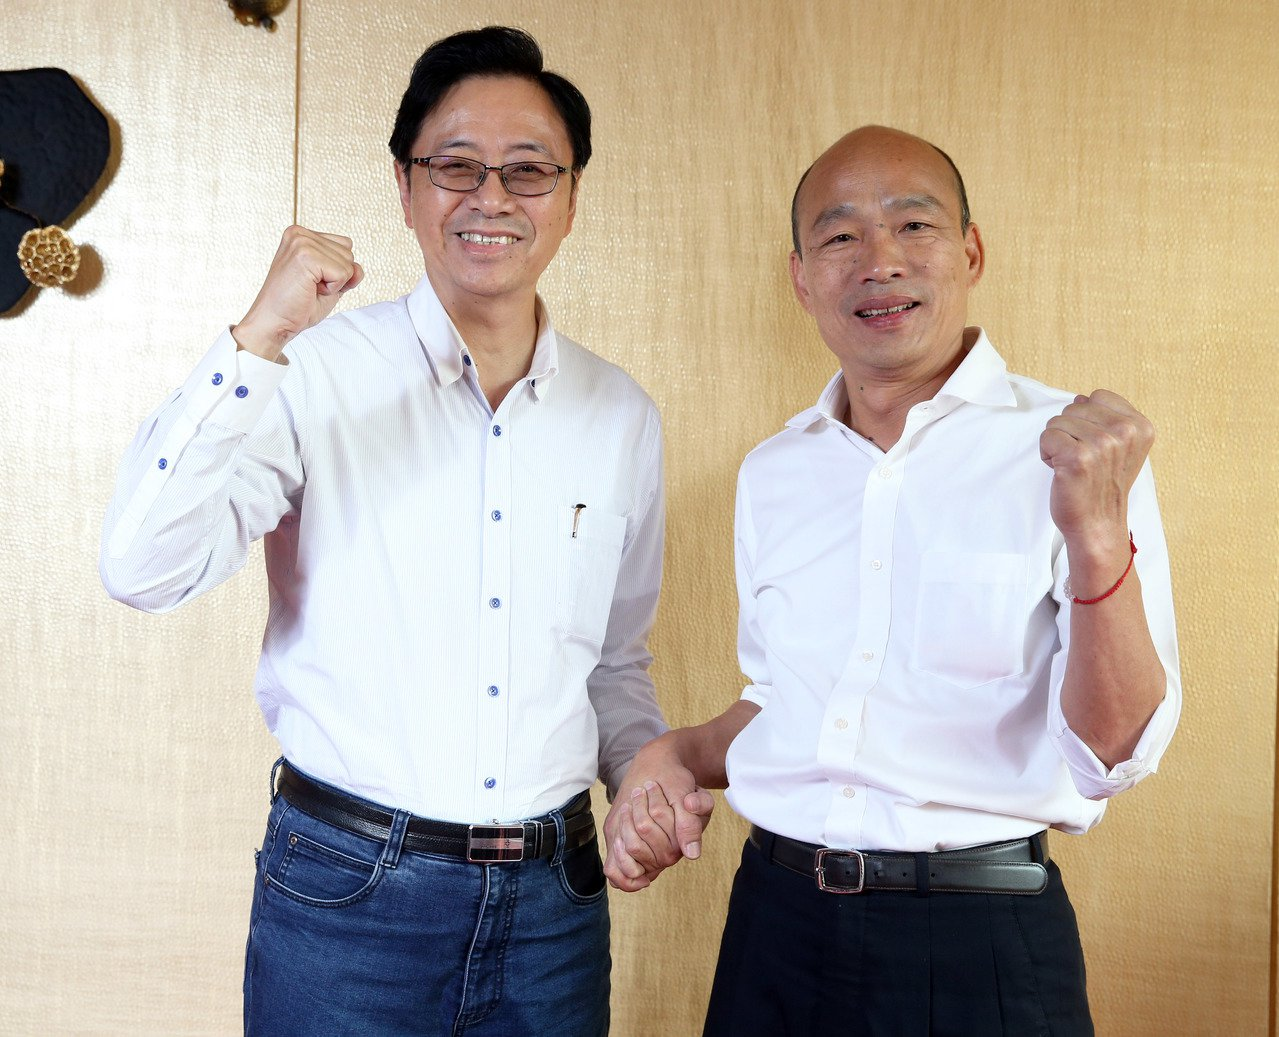 國民黨總統參選人韓國瑜與副手搭檔張善政接受本報專訪,對於未來激烈選戰兩人未來將分...